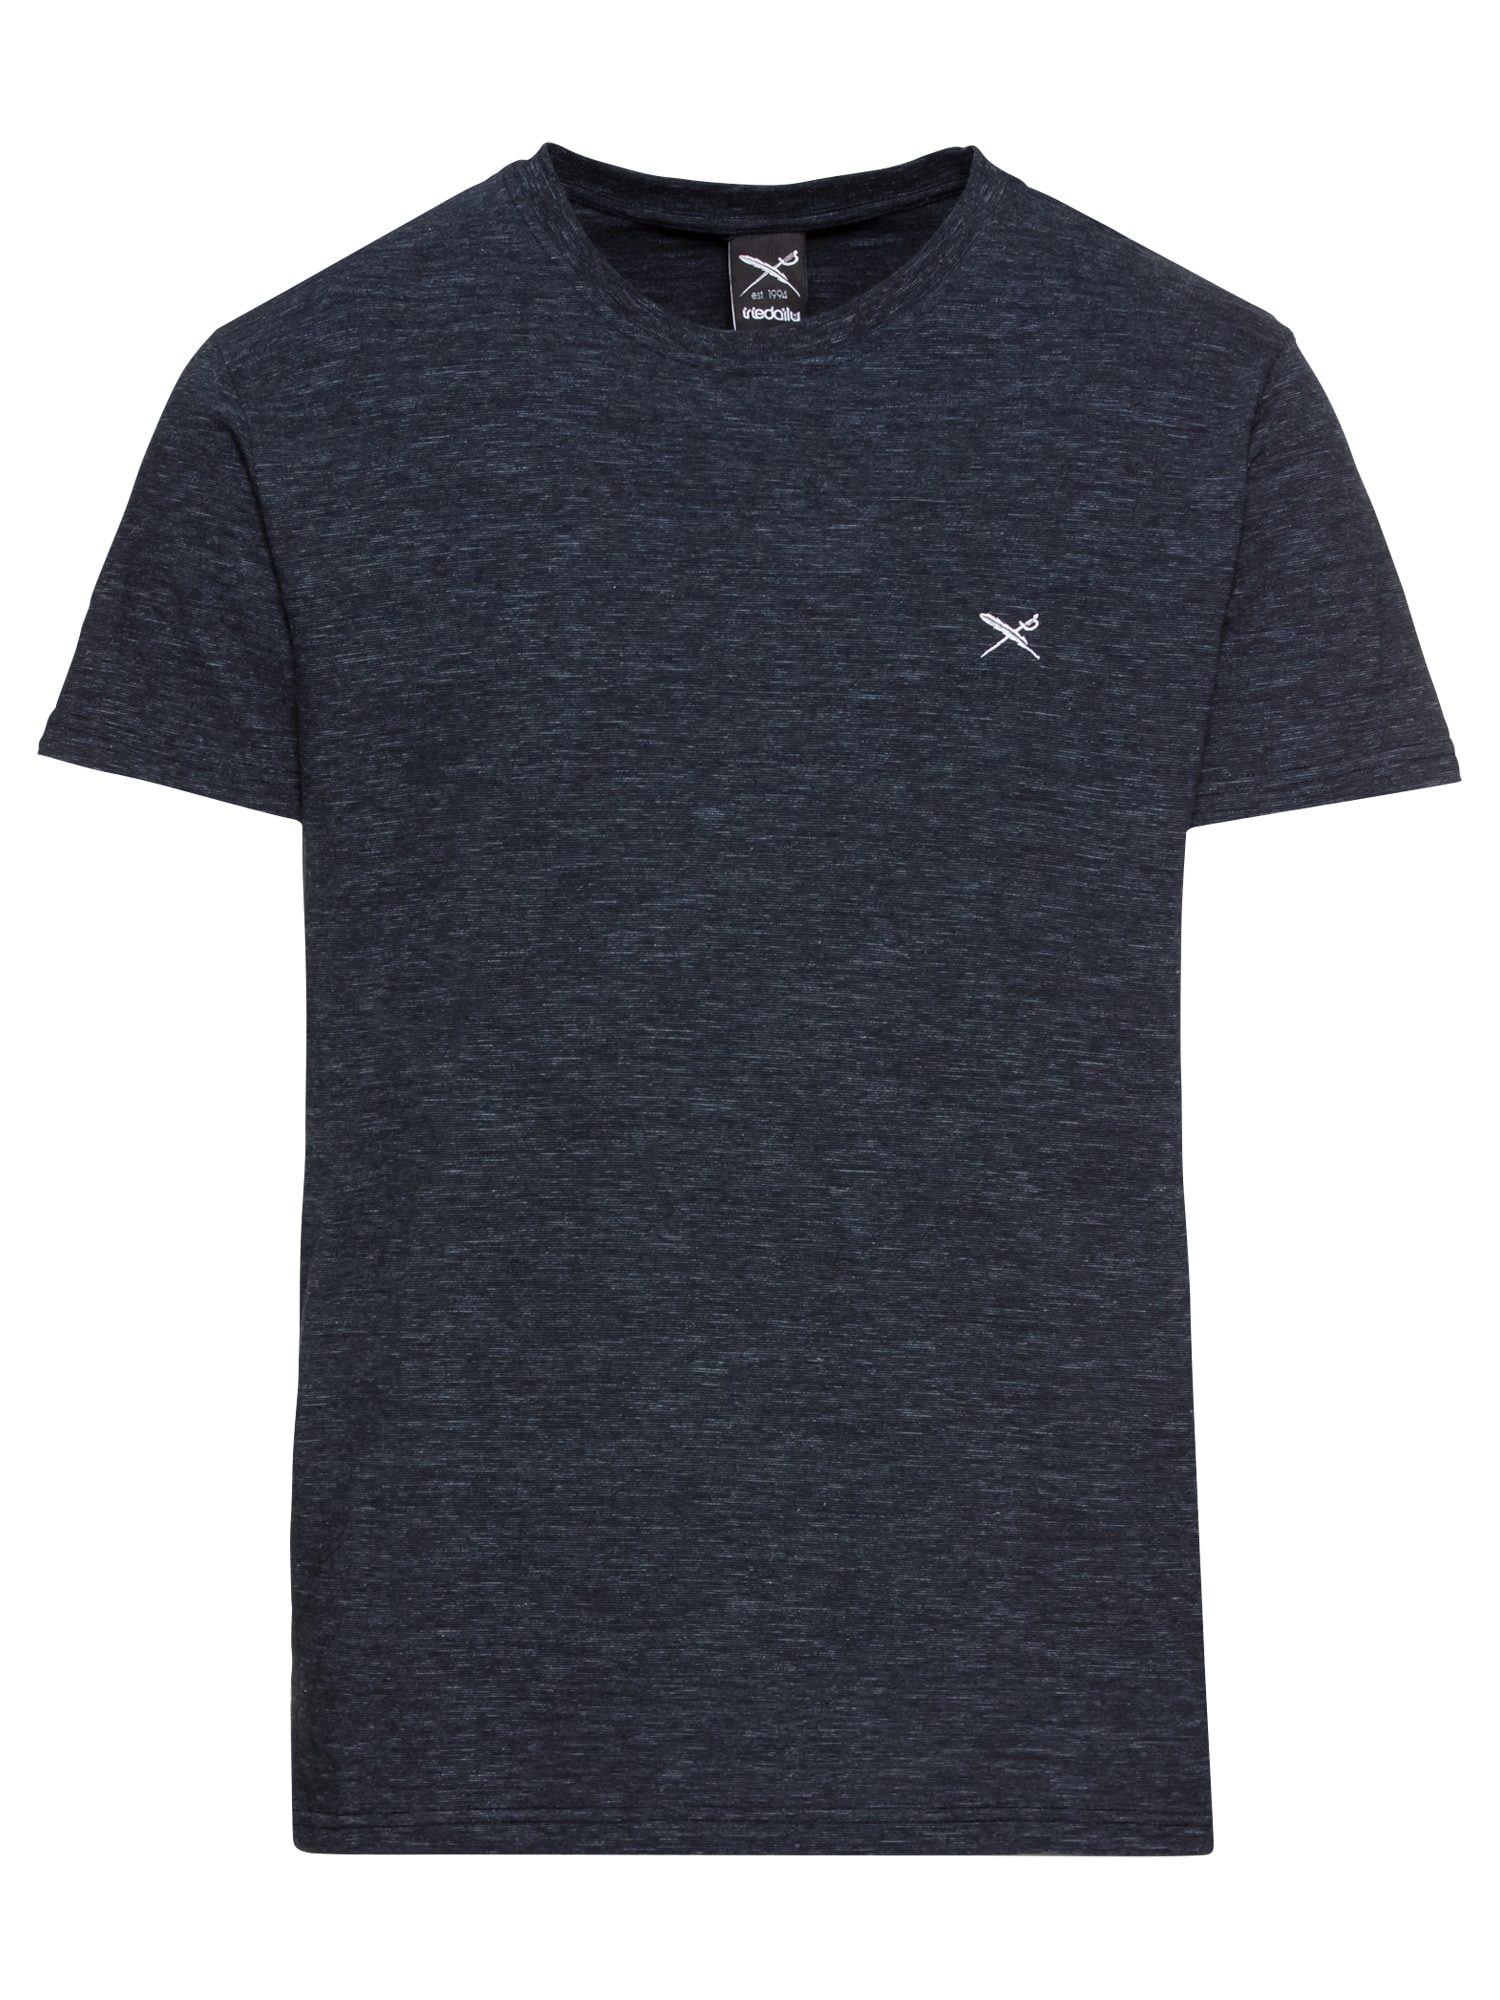 Tričko Chamisso Tee tmavě modrá Iriedaily